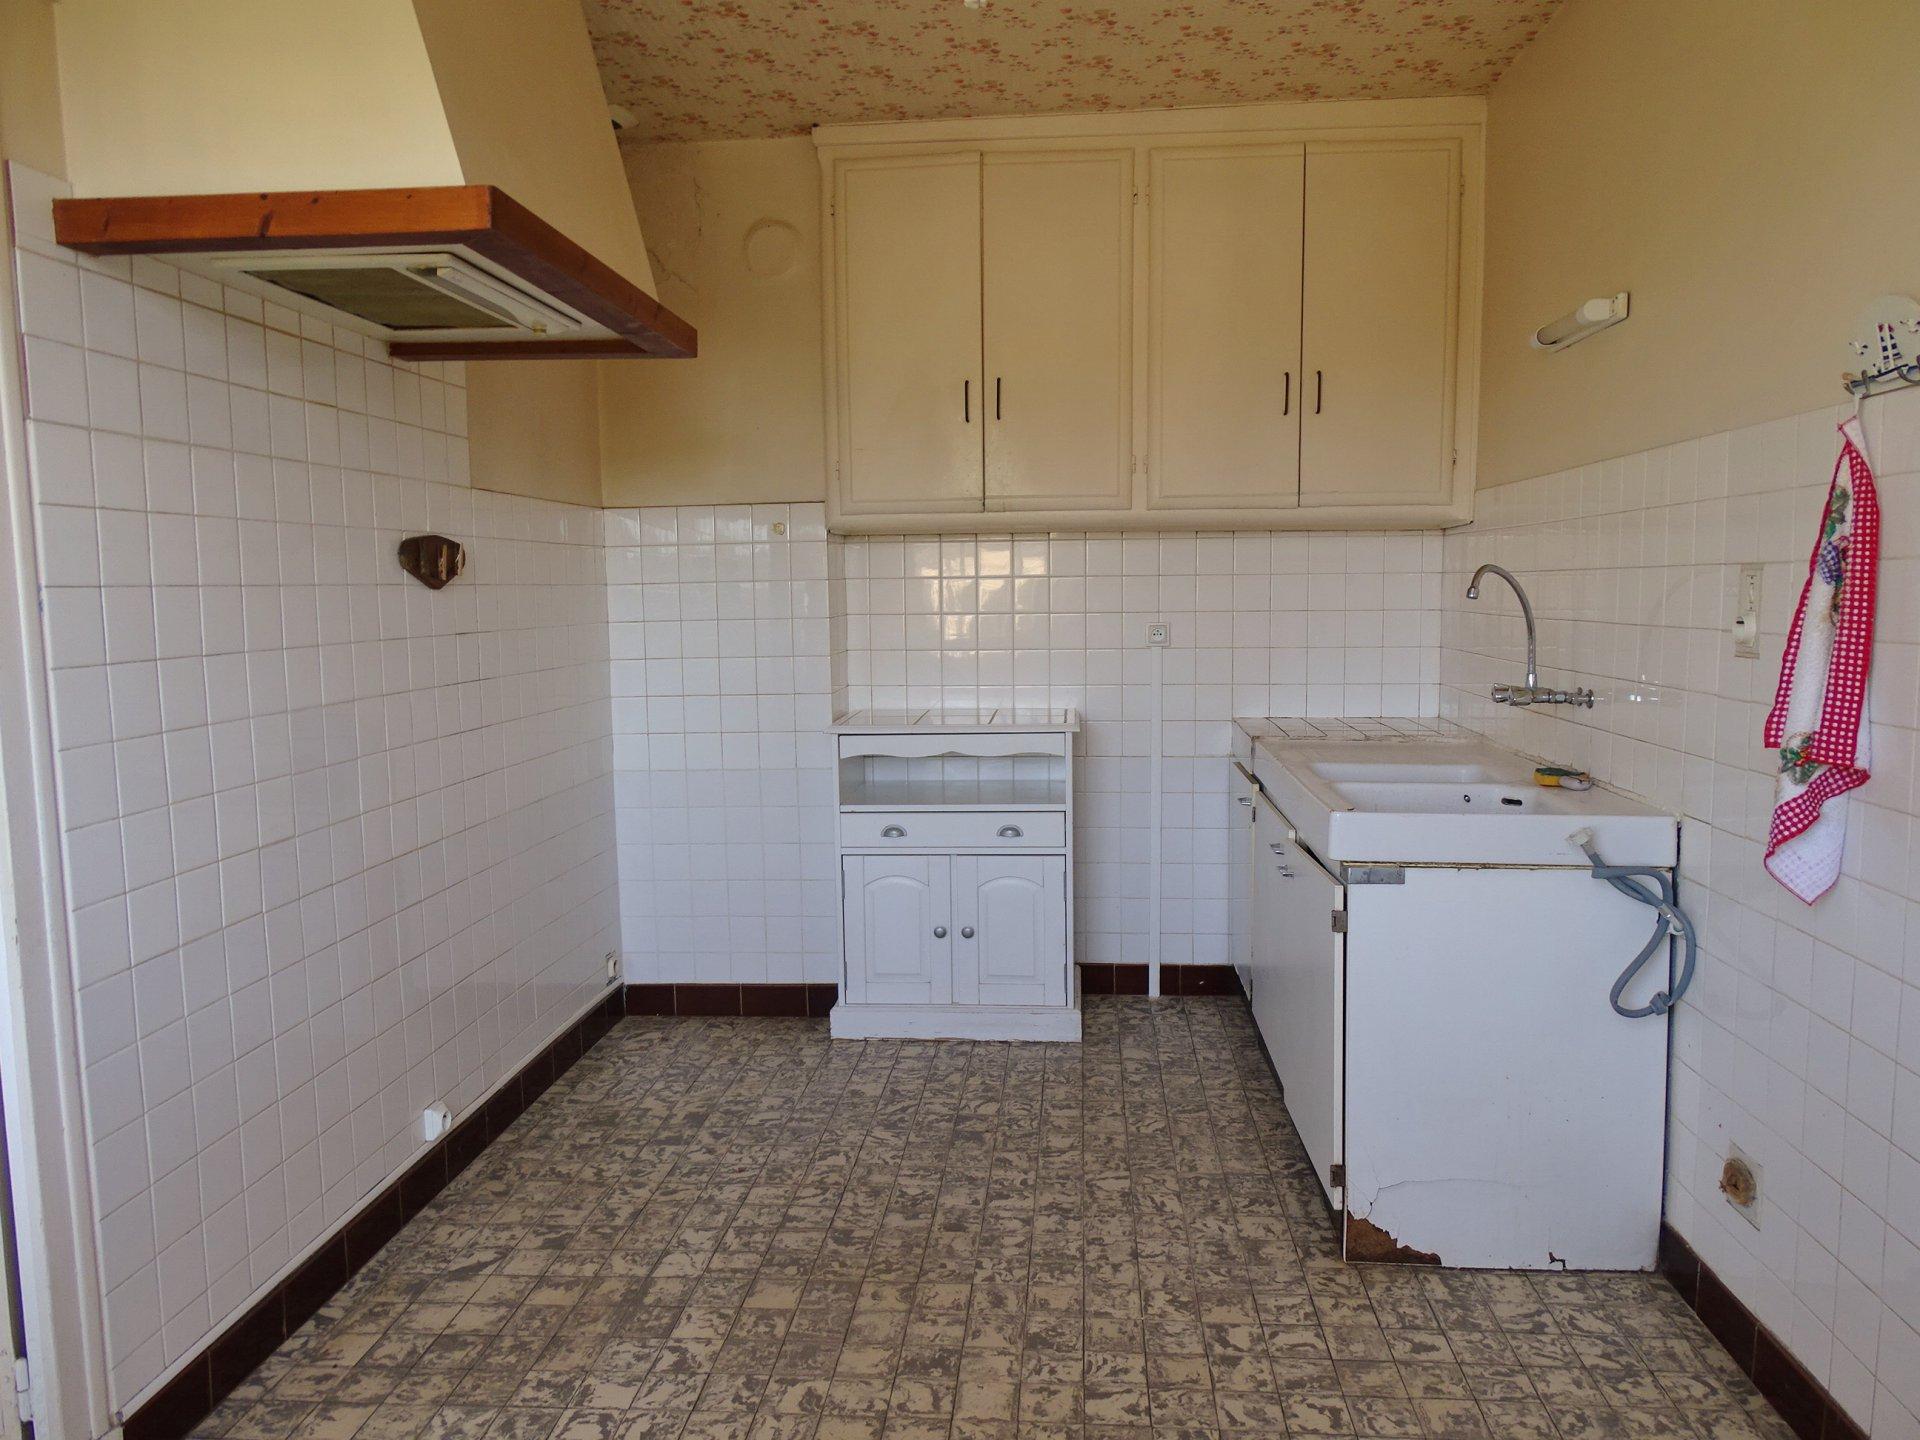 En exclusivité nous vous proposons cette maison à rafraîchir située quartier bel horizon. Elle dispose actuellement d'une salle à manger ouverte sur le salon et une cuisine indépendante mais séparée par une simple cloison. L'espace nuit dessert 2 chambres, la salle de douche ainsi que les toilettes. En dessous vous bénéficiez d'un grand garage ainsi que de 3 petites pièces pouvant servir de cuisine d'été, d'atelier, d'une chambre d'amis ou bien d'un bureau. Cette maison des année 50 est sur un joli petit terrain de 373 m² entièrement clos. Honoraires à la charges des vendeurs